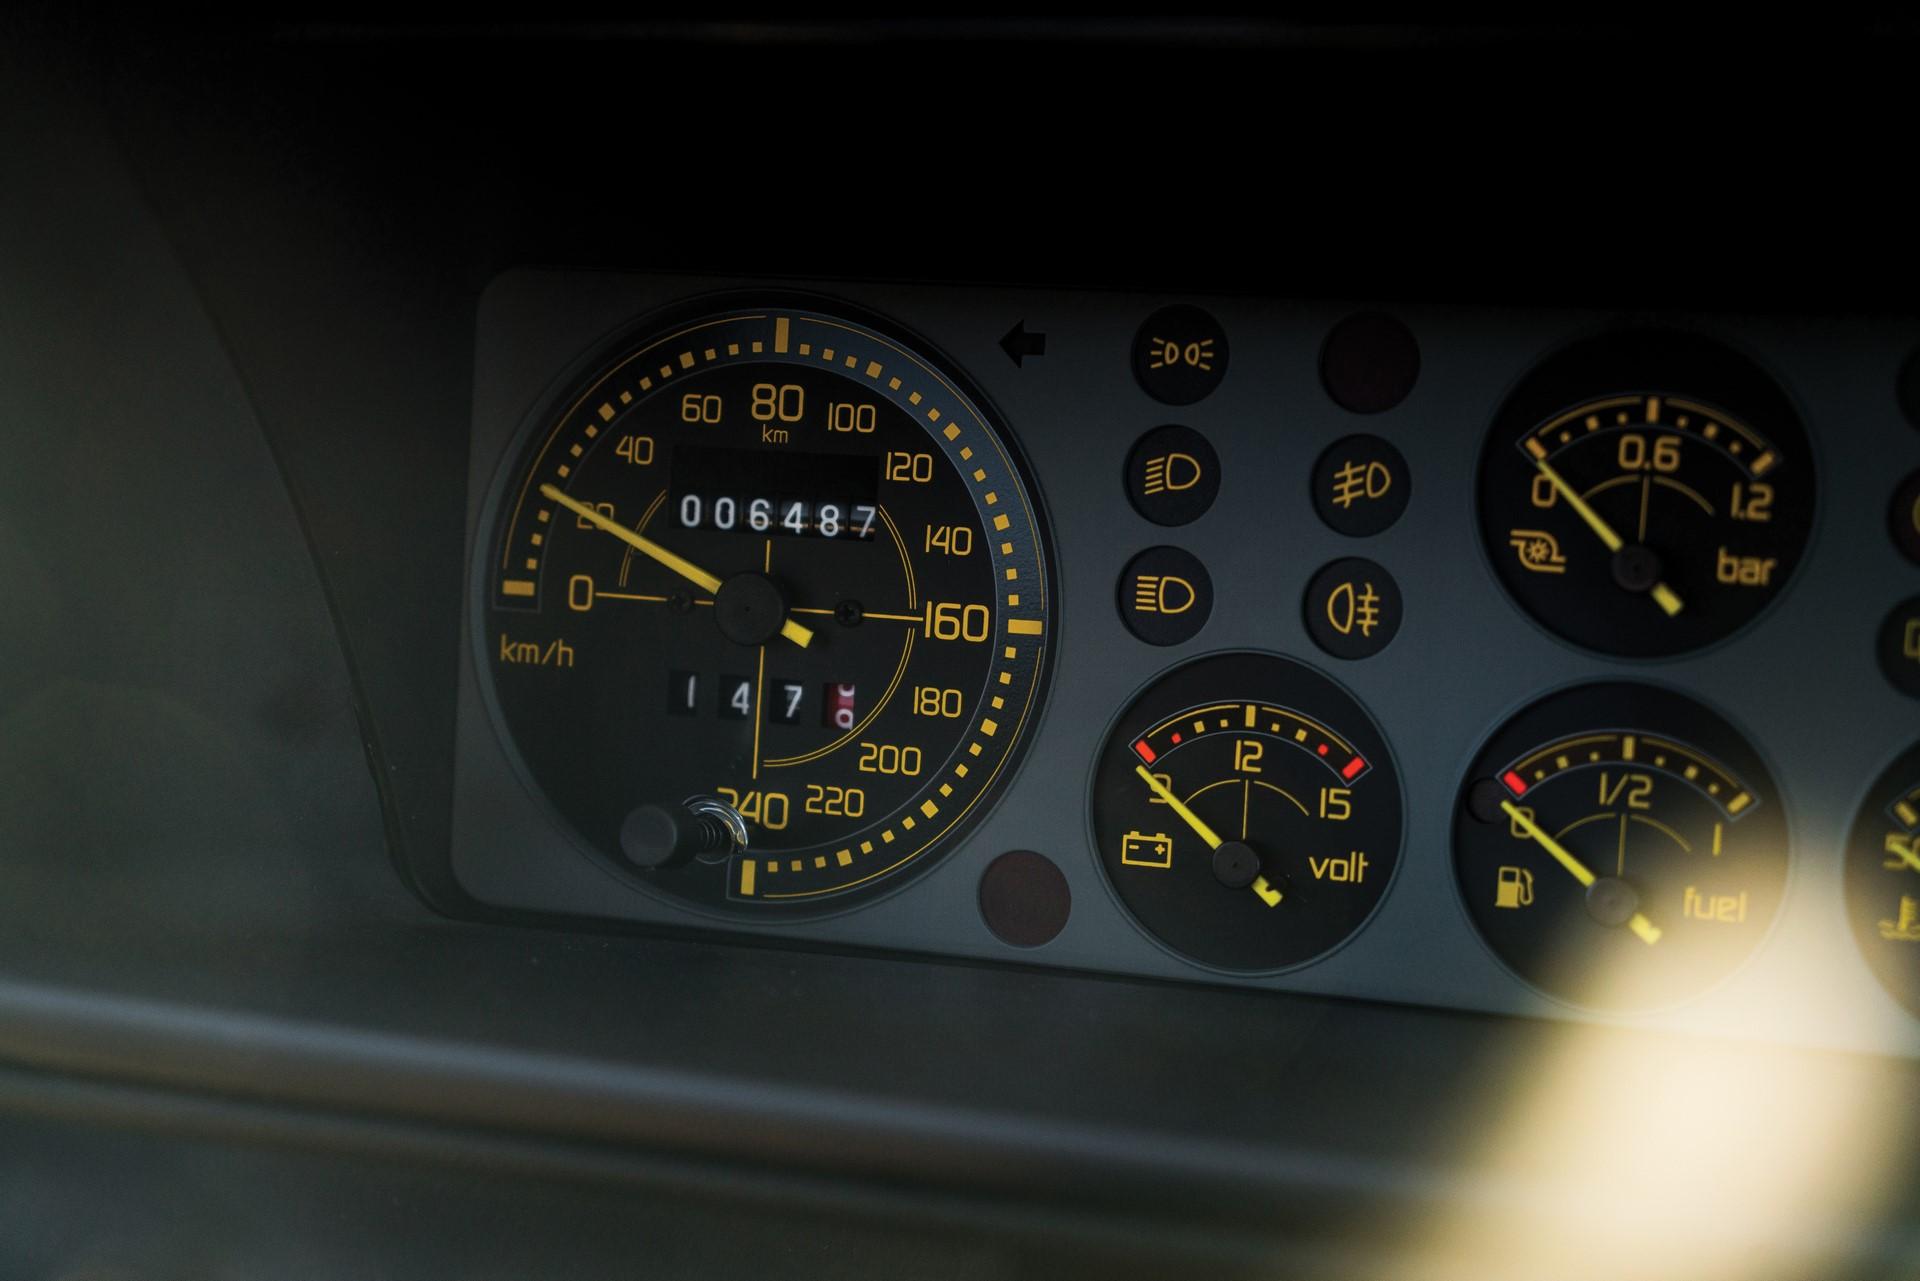 Lancia Delta HF Integrale Evoluzione 1992 (37)